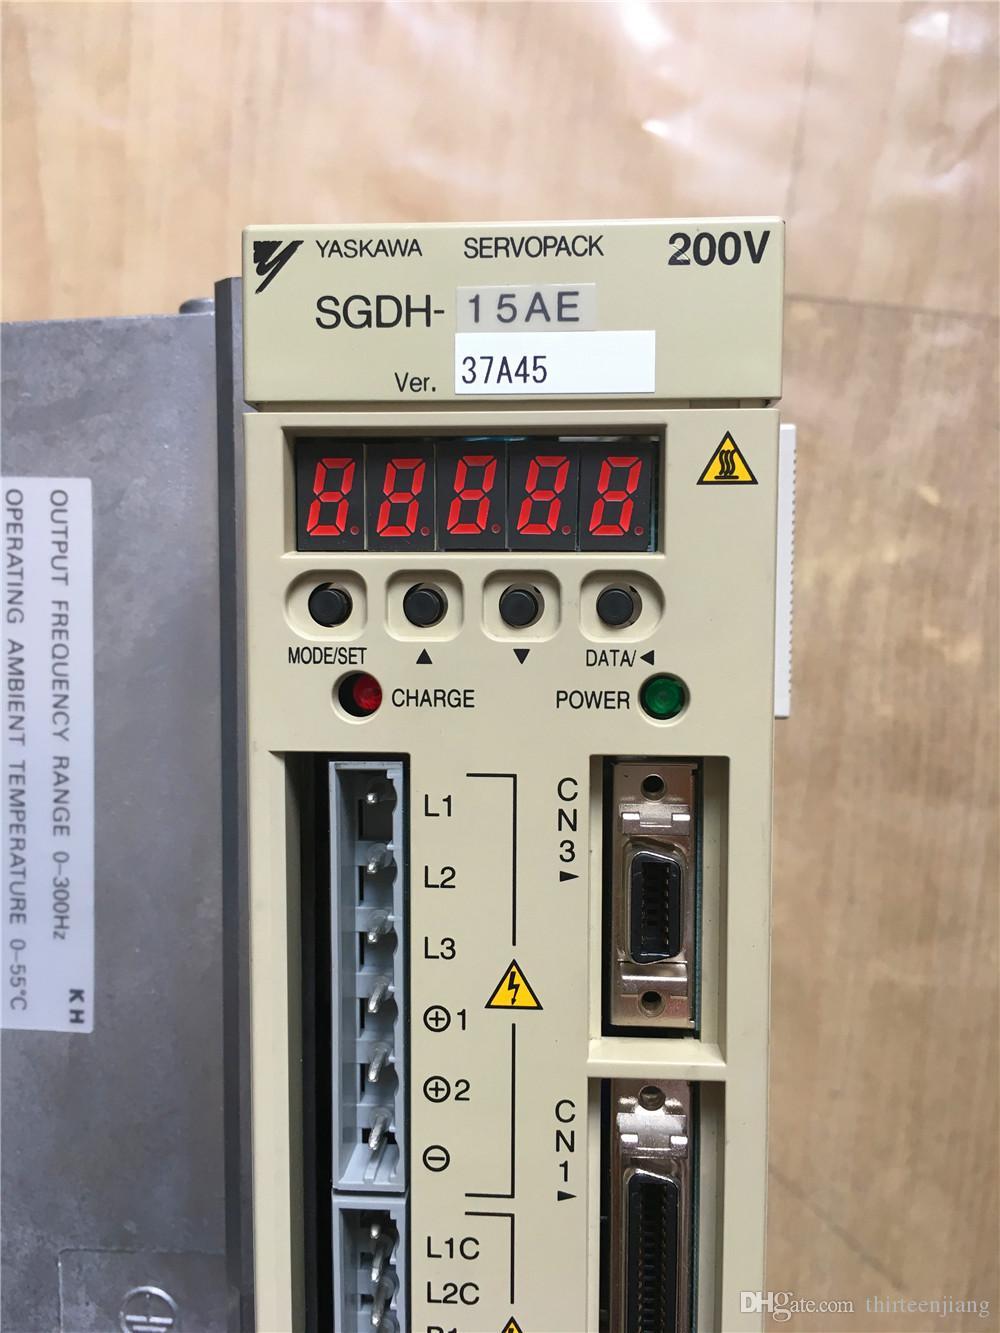 1 PC Original Yaskawa AC Servo Acionamento SGDH-15AE Novo Na Caixa / Usado Em Bom Estado Teste OK Frete Grátis Expedited